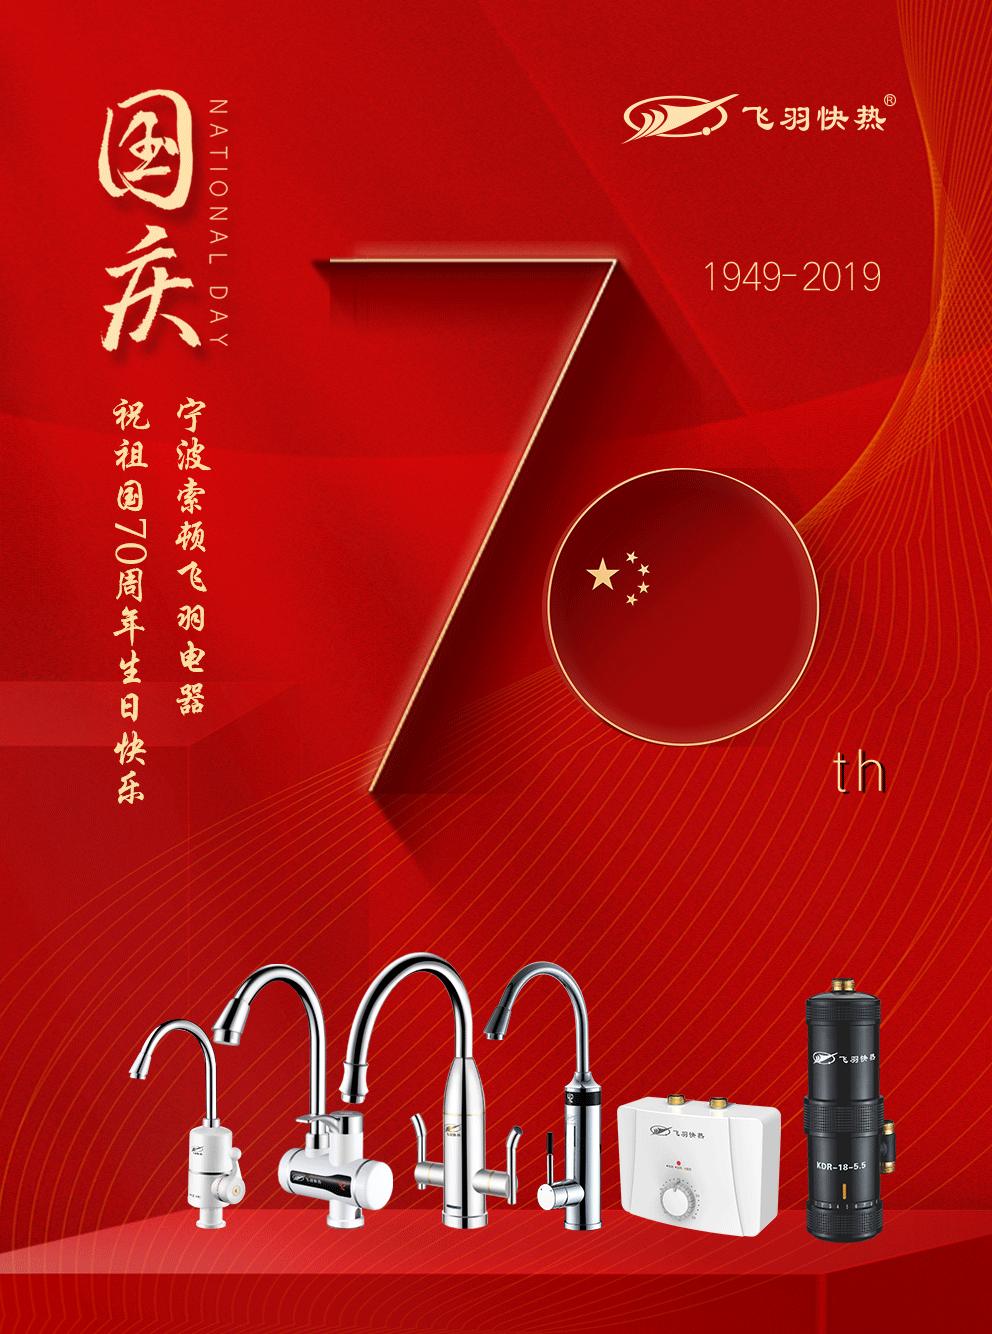 微信朋友圈图(7).png